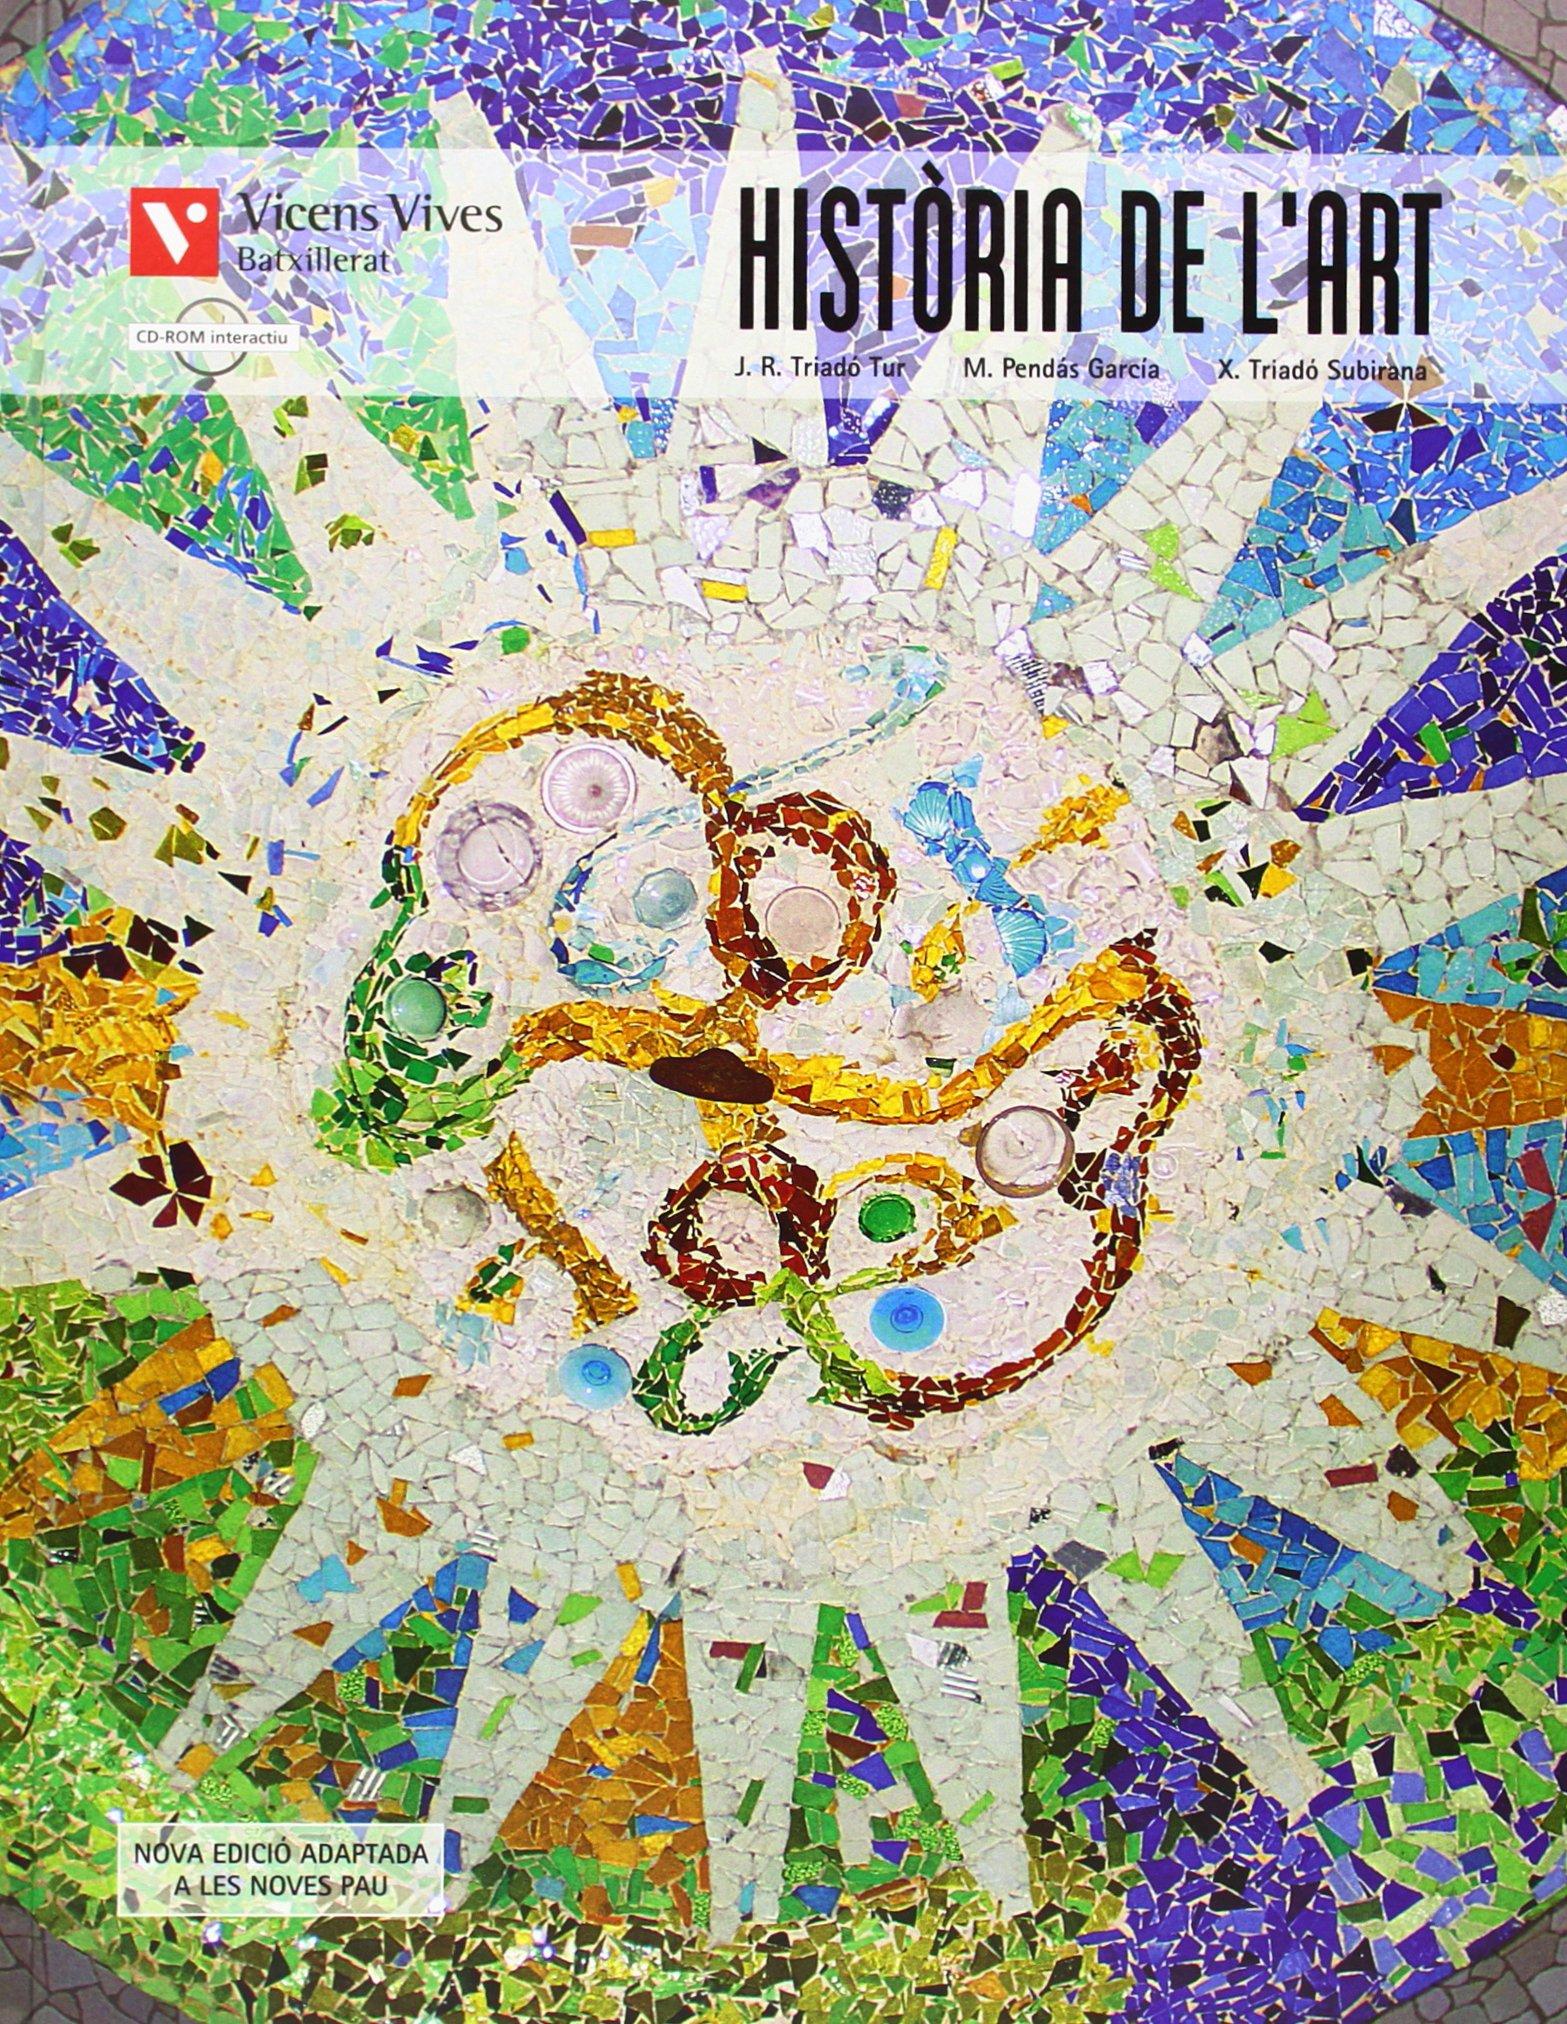 Historia De Lart + CD nova Edicio-pau - 9788468200101: Amazon.es: Pendas Garcia, Isabel: Libros